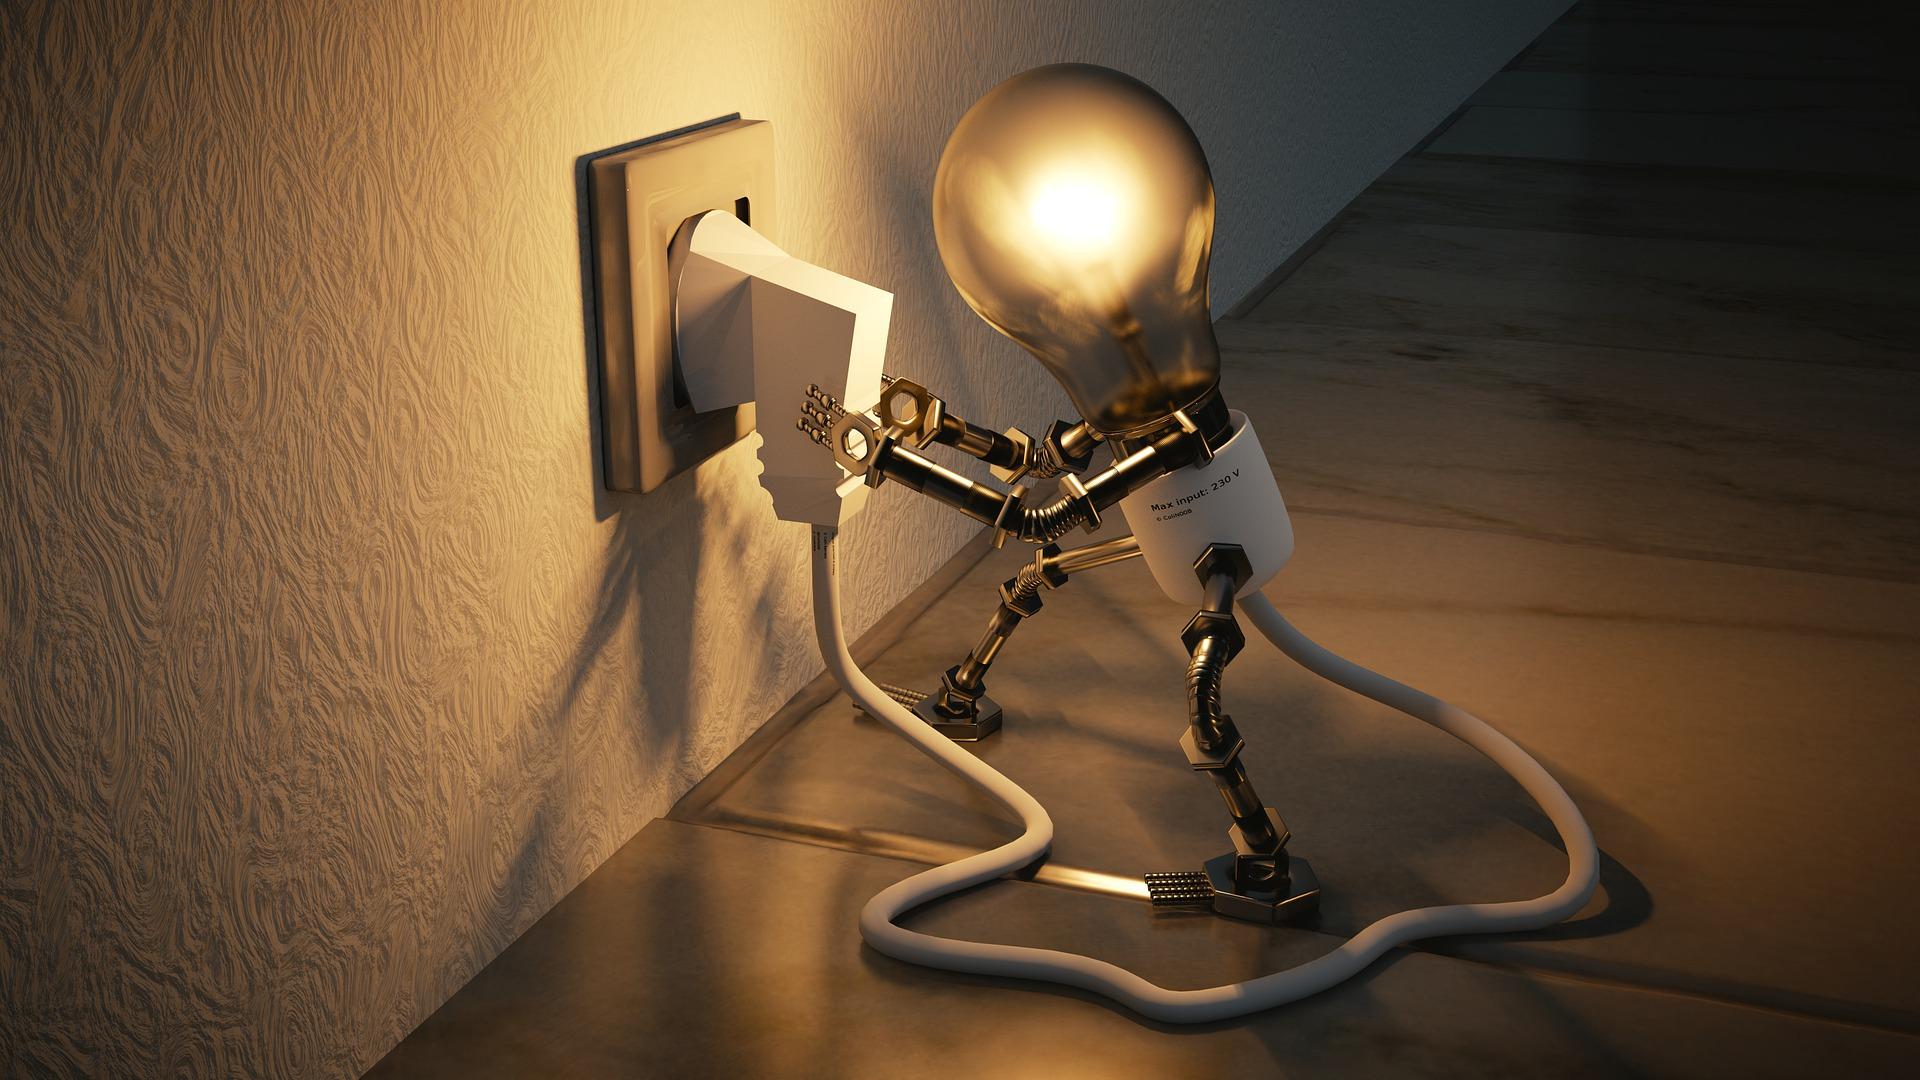 account-based-marketing-idea-tecnologia